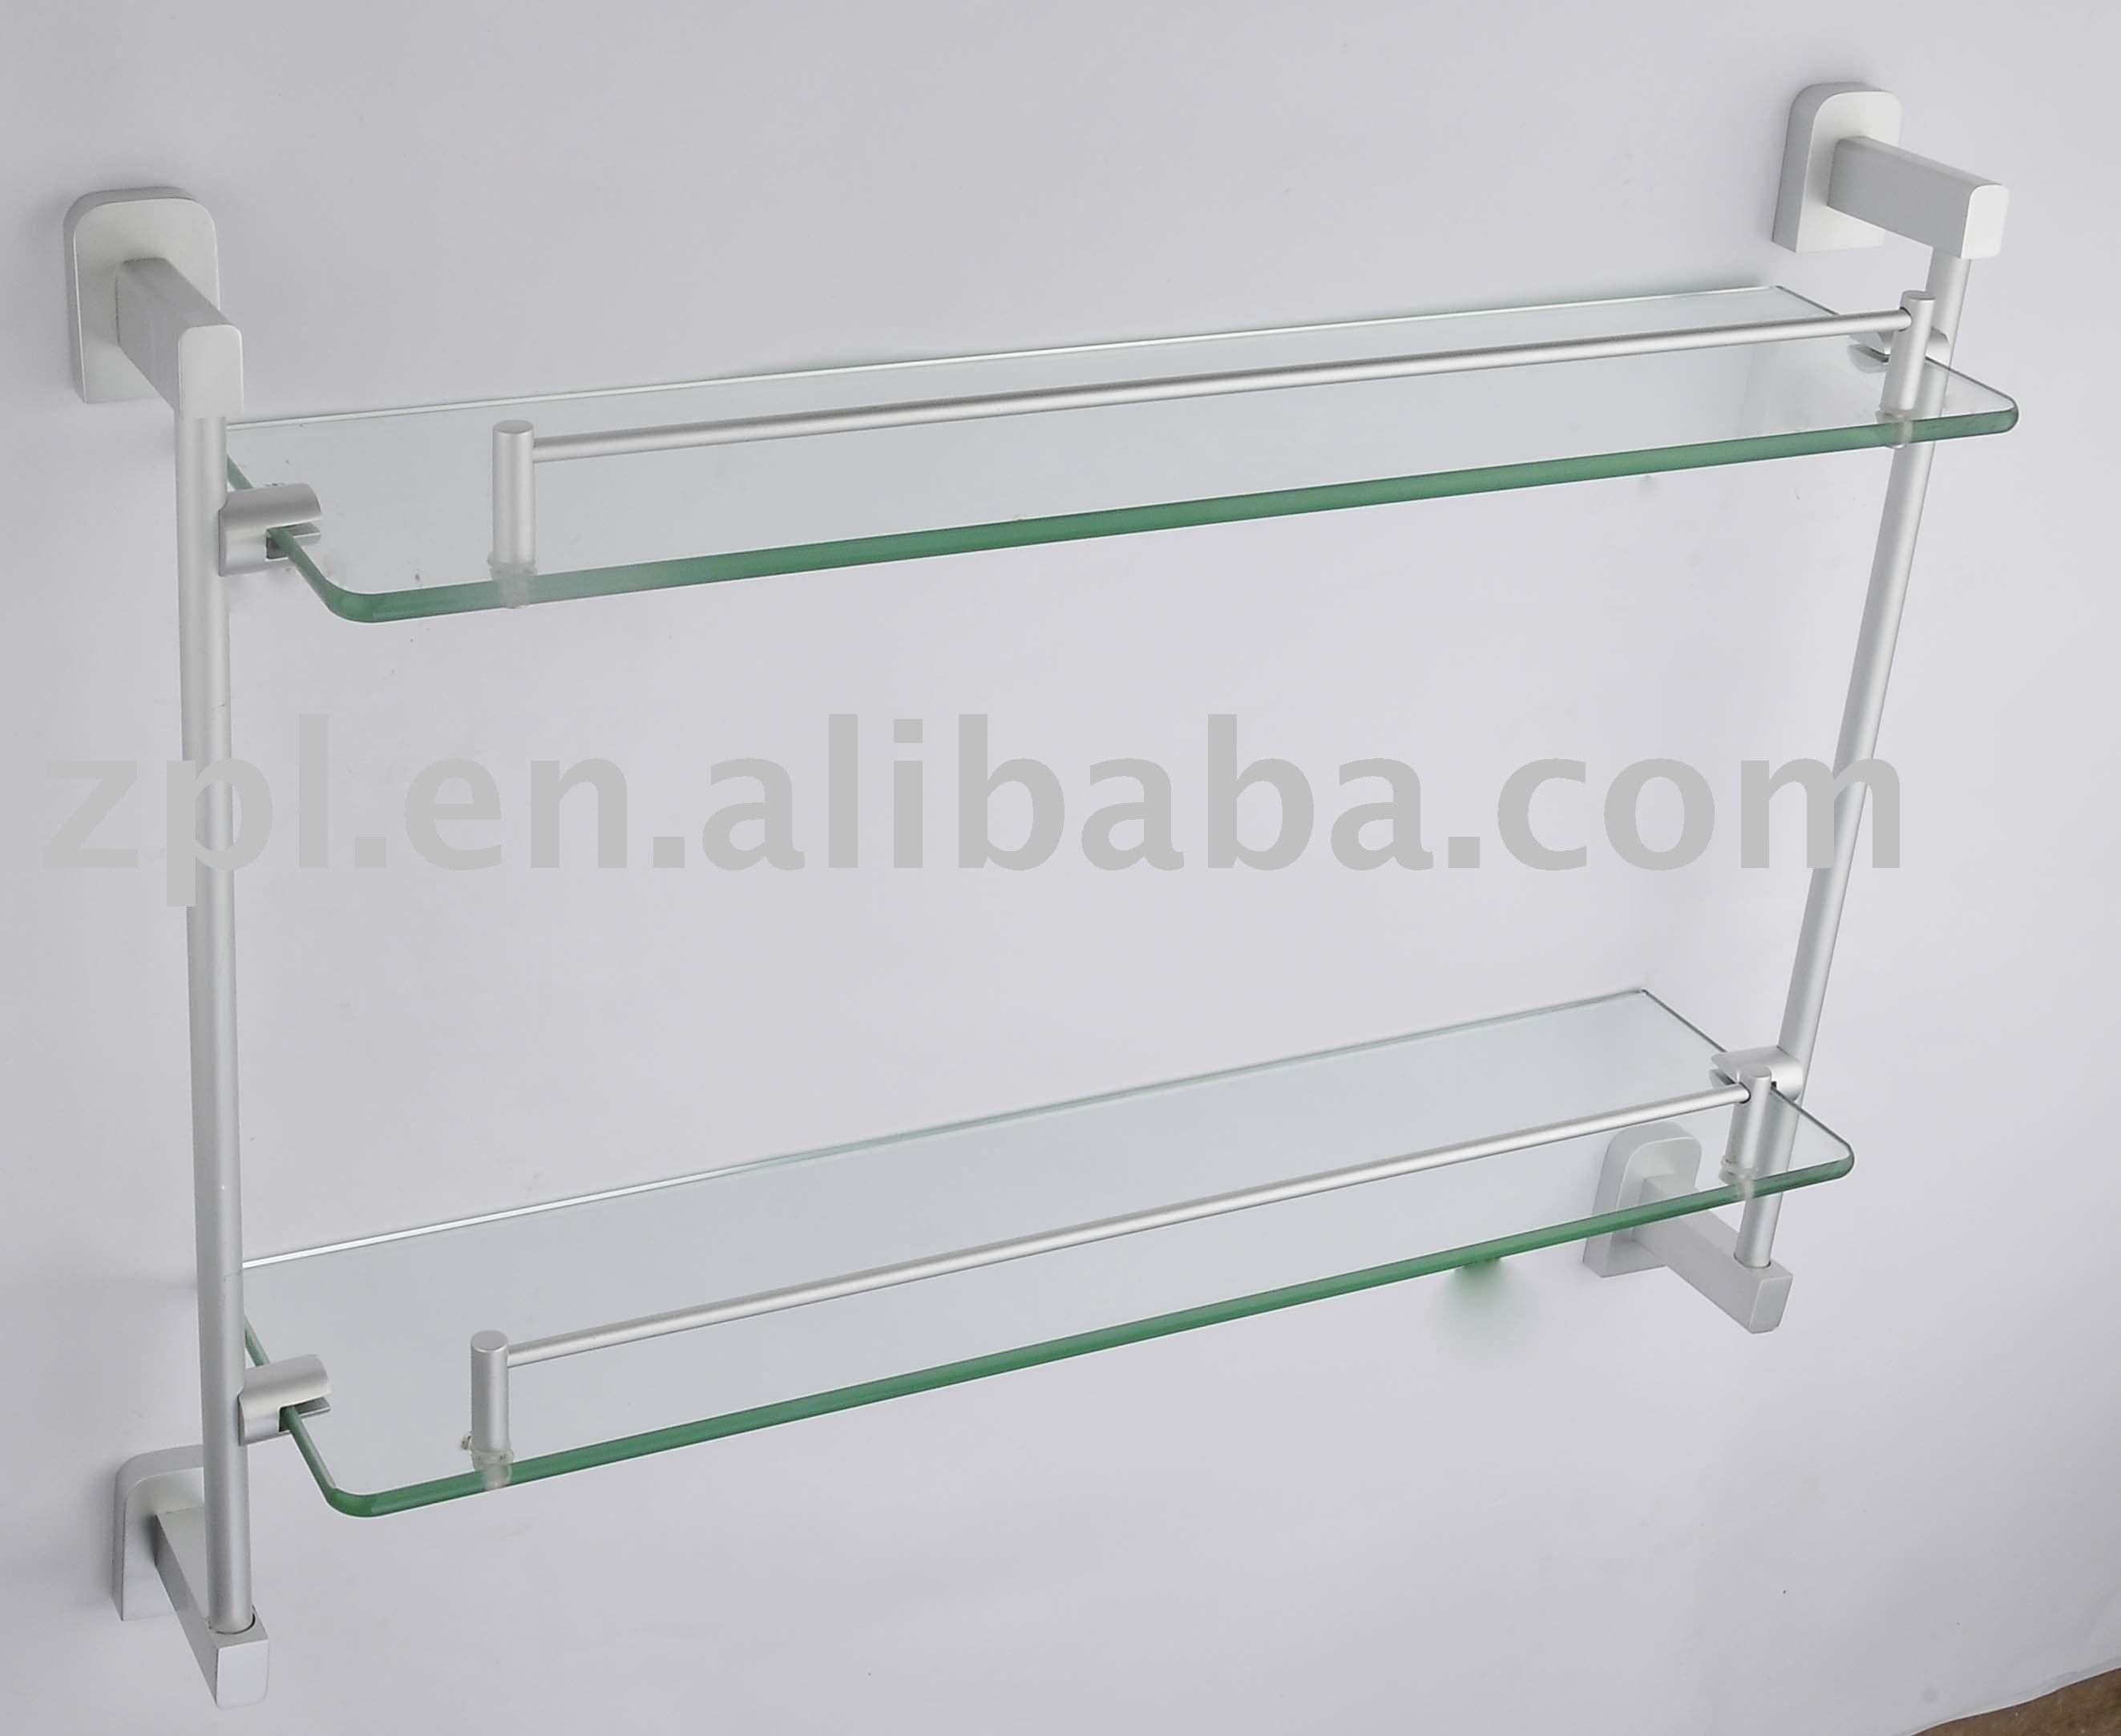 Prateleira de canto de vidro Prateleiras de banheiro ID do produto  #5F4C3B 2646 2166